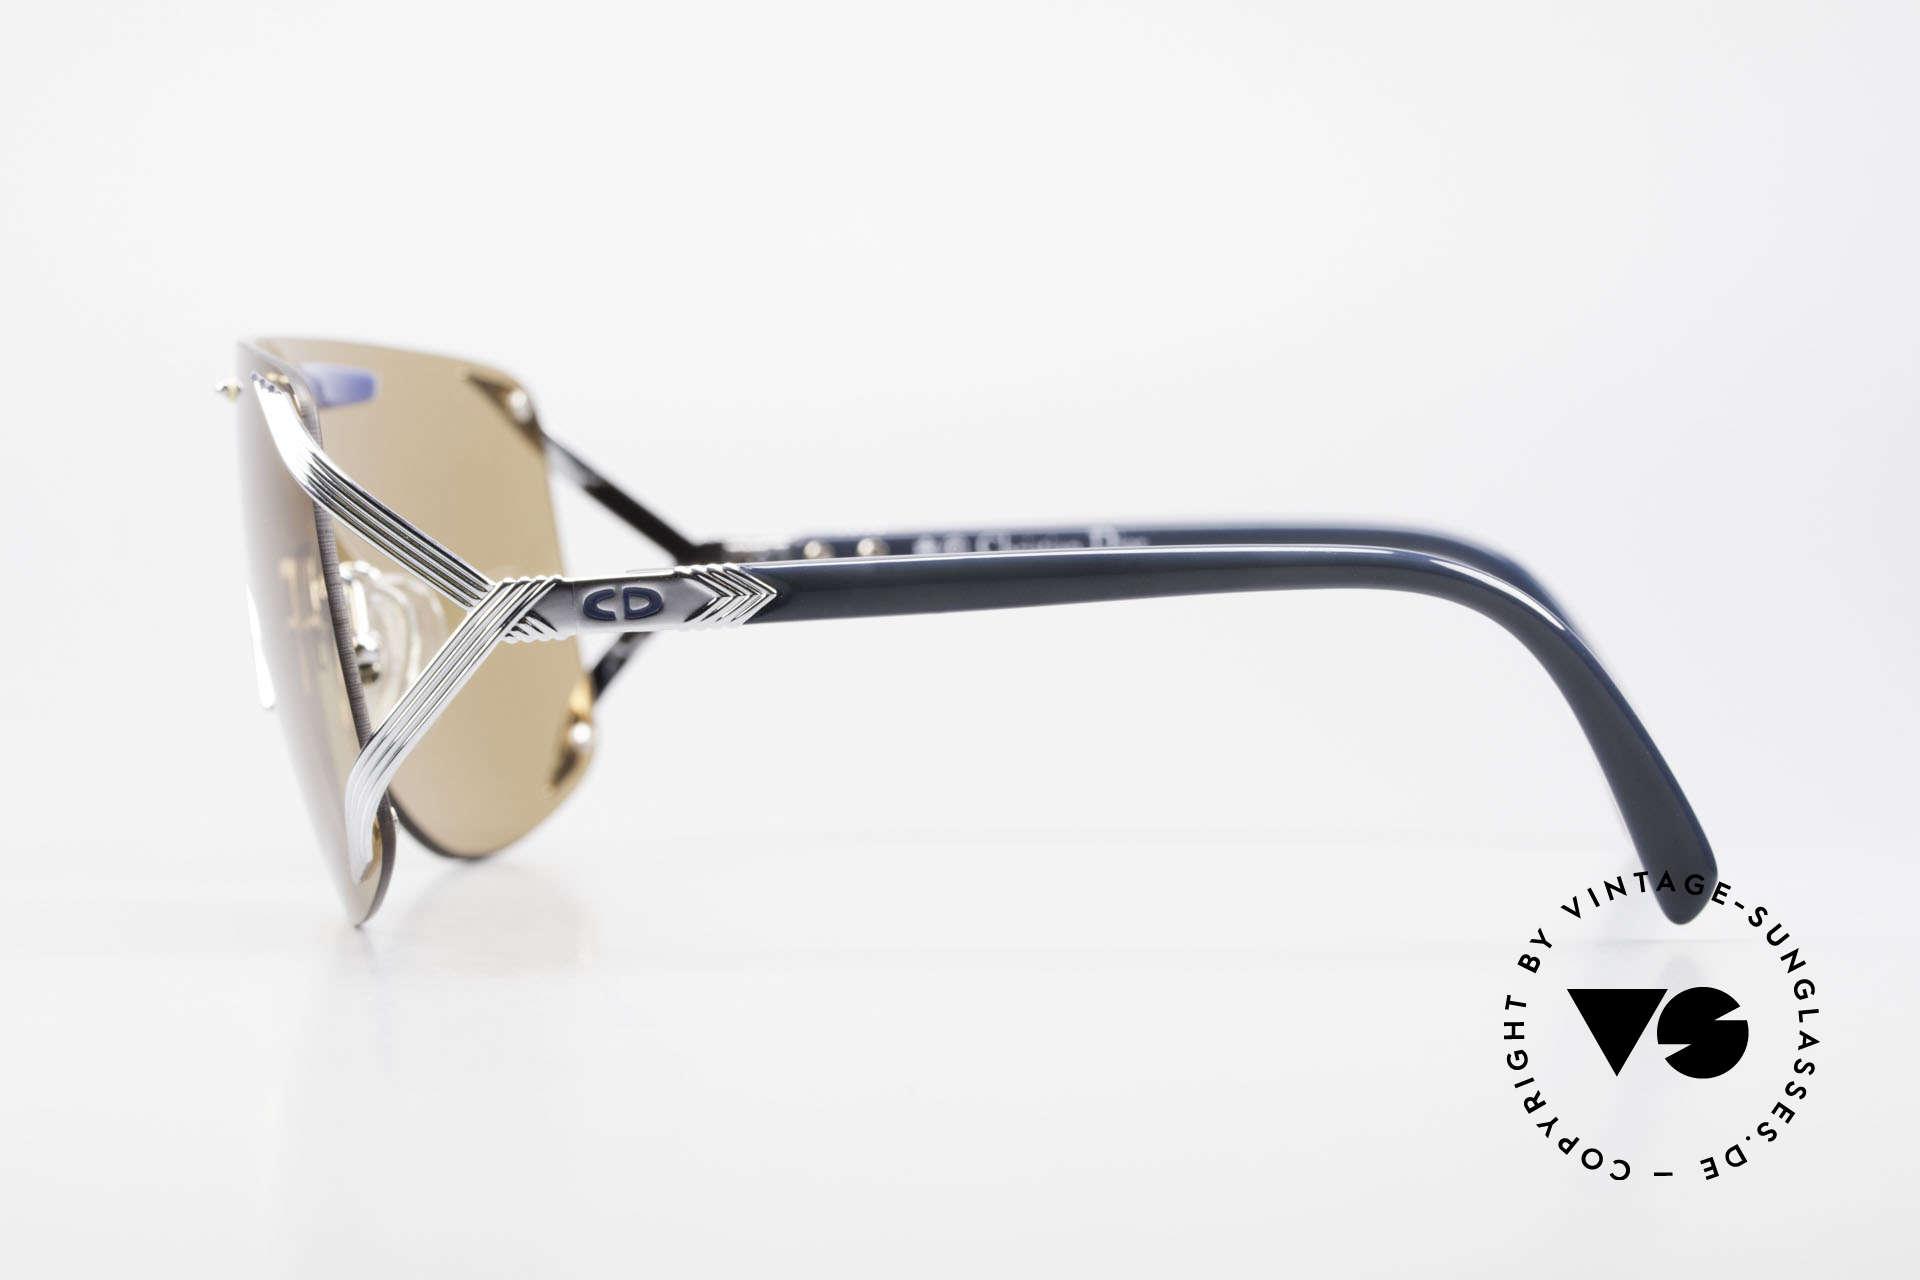 Christian Dior 2434 Panorama View Sonnenbrille, ungetragen (wie alle unsere DIOR Sonnenbrillen), Passend für Damen